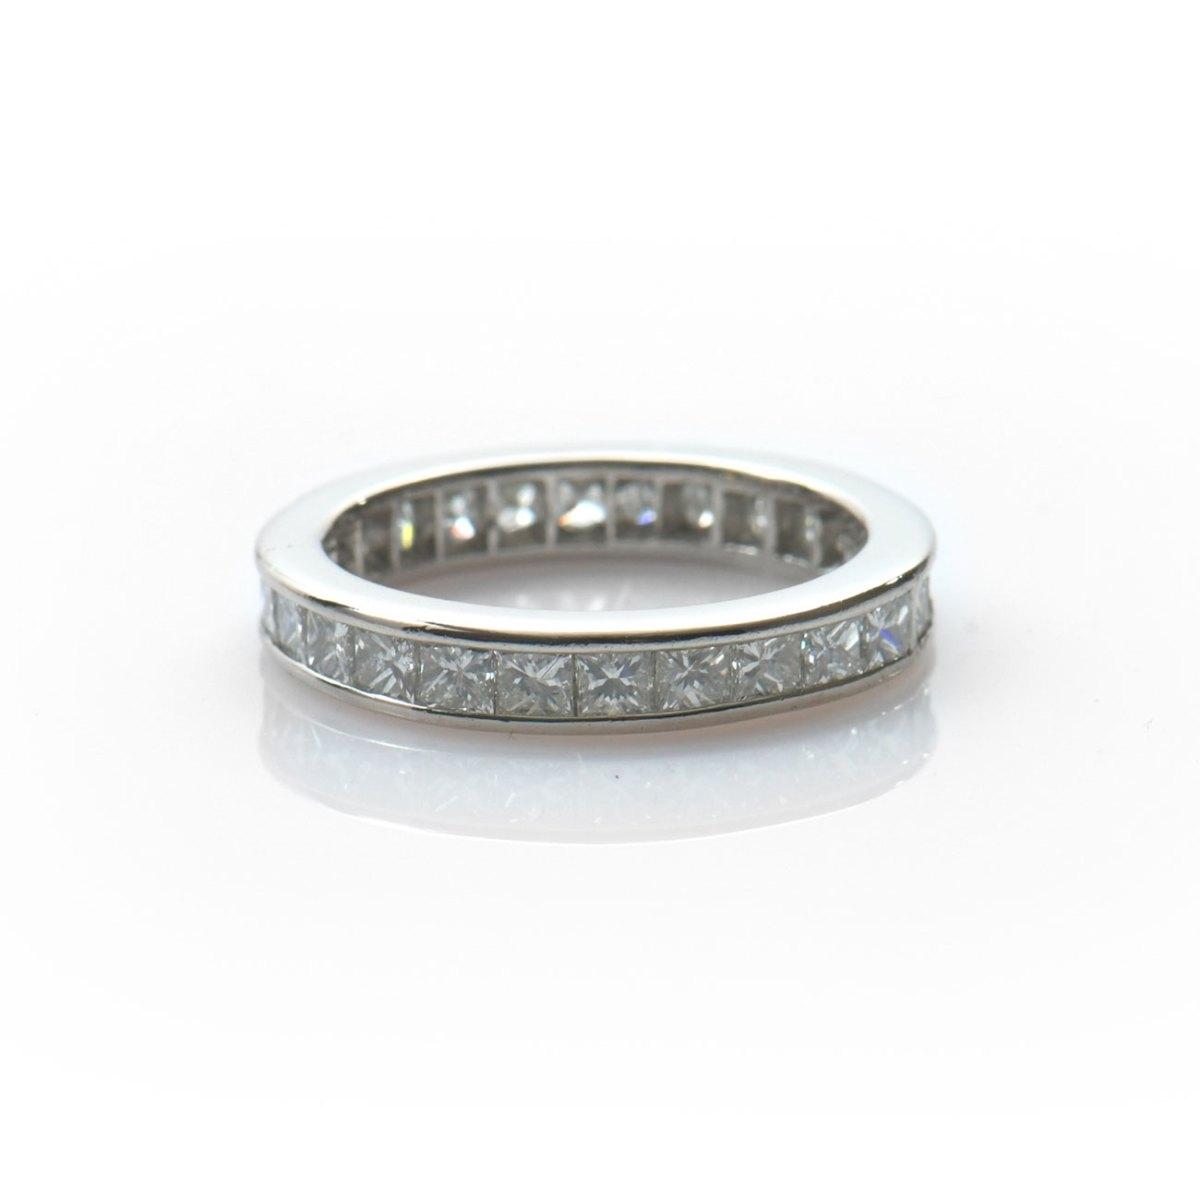 Alliance américaine platine diamants princesse, taille 54, Réf. BA-B18930 | EVENOR Joaillerie • Bijoux neufs • Bijoux Vintage et d'occasion